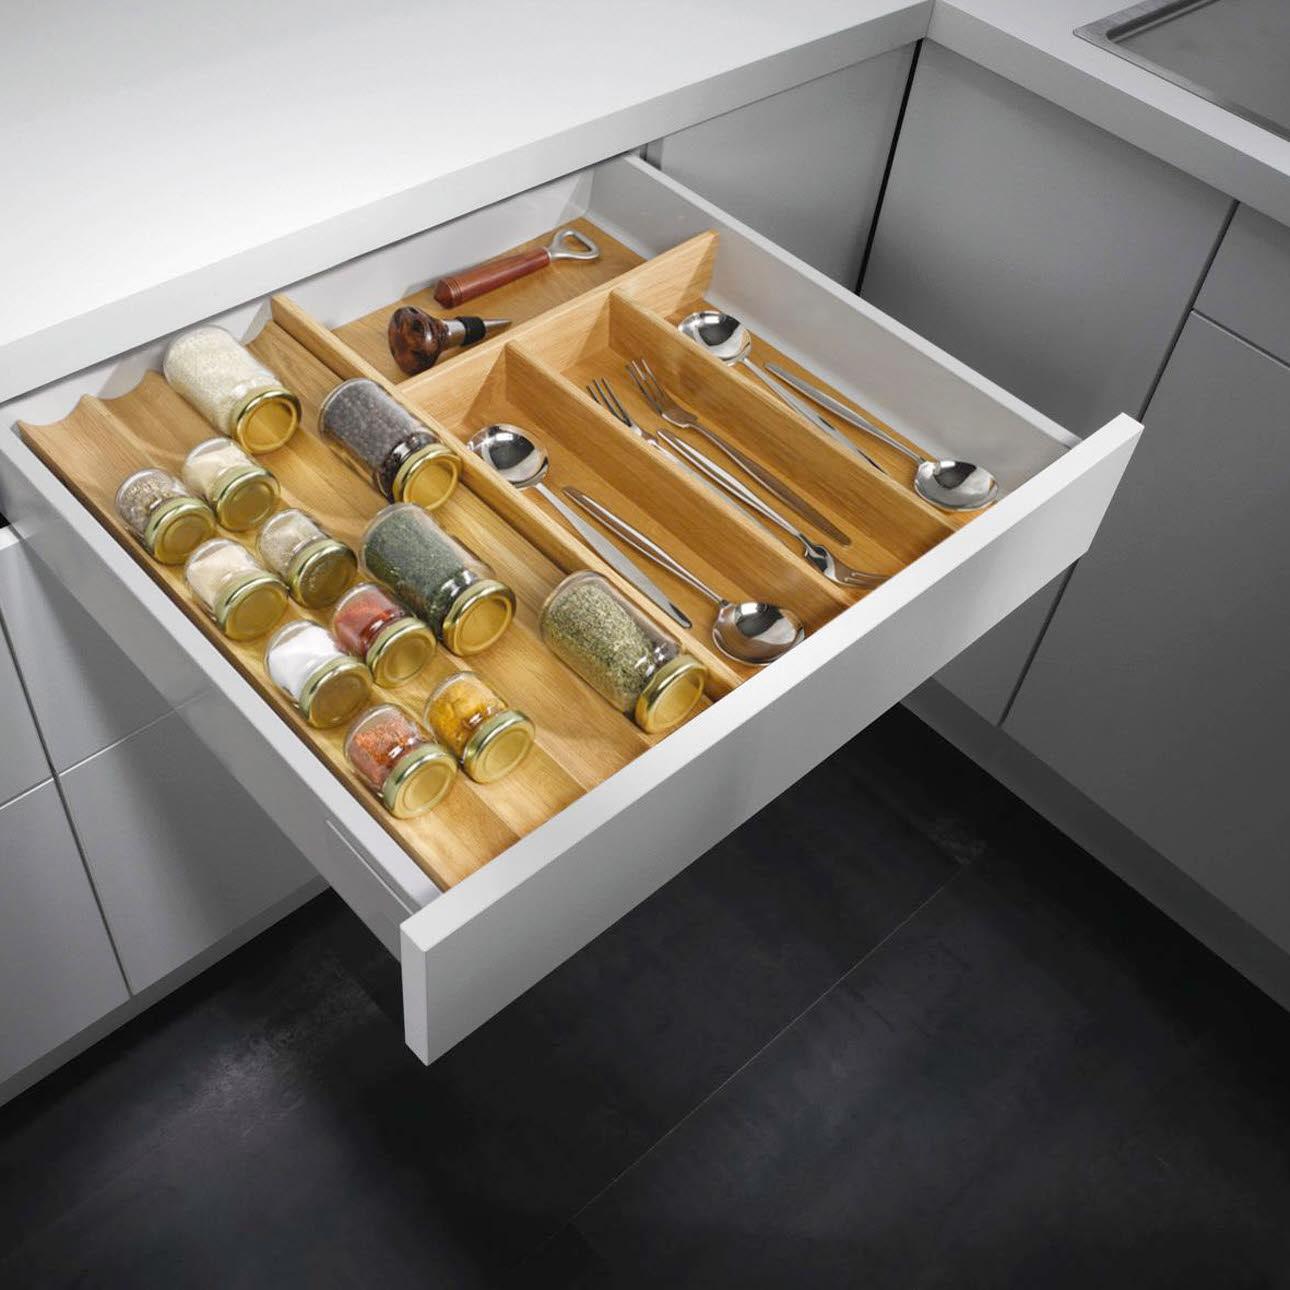 Full Size of Gewürze Schubladeneinsatz Besteckeinstze Zubehr Und Ausstattungsdetails Ewe Küche Wohnzimmer Gewürze Schubladeneinsatz